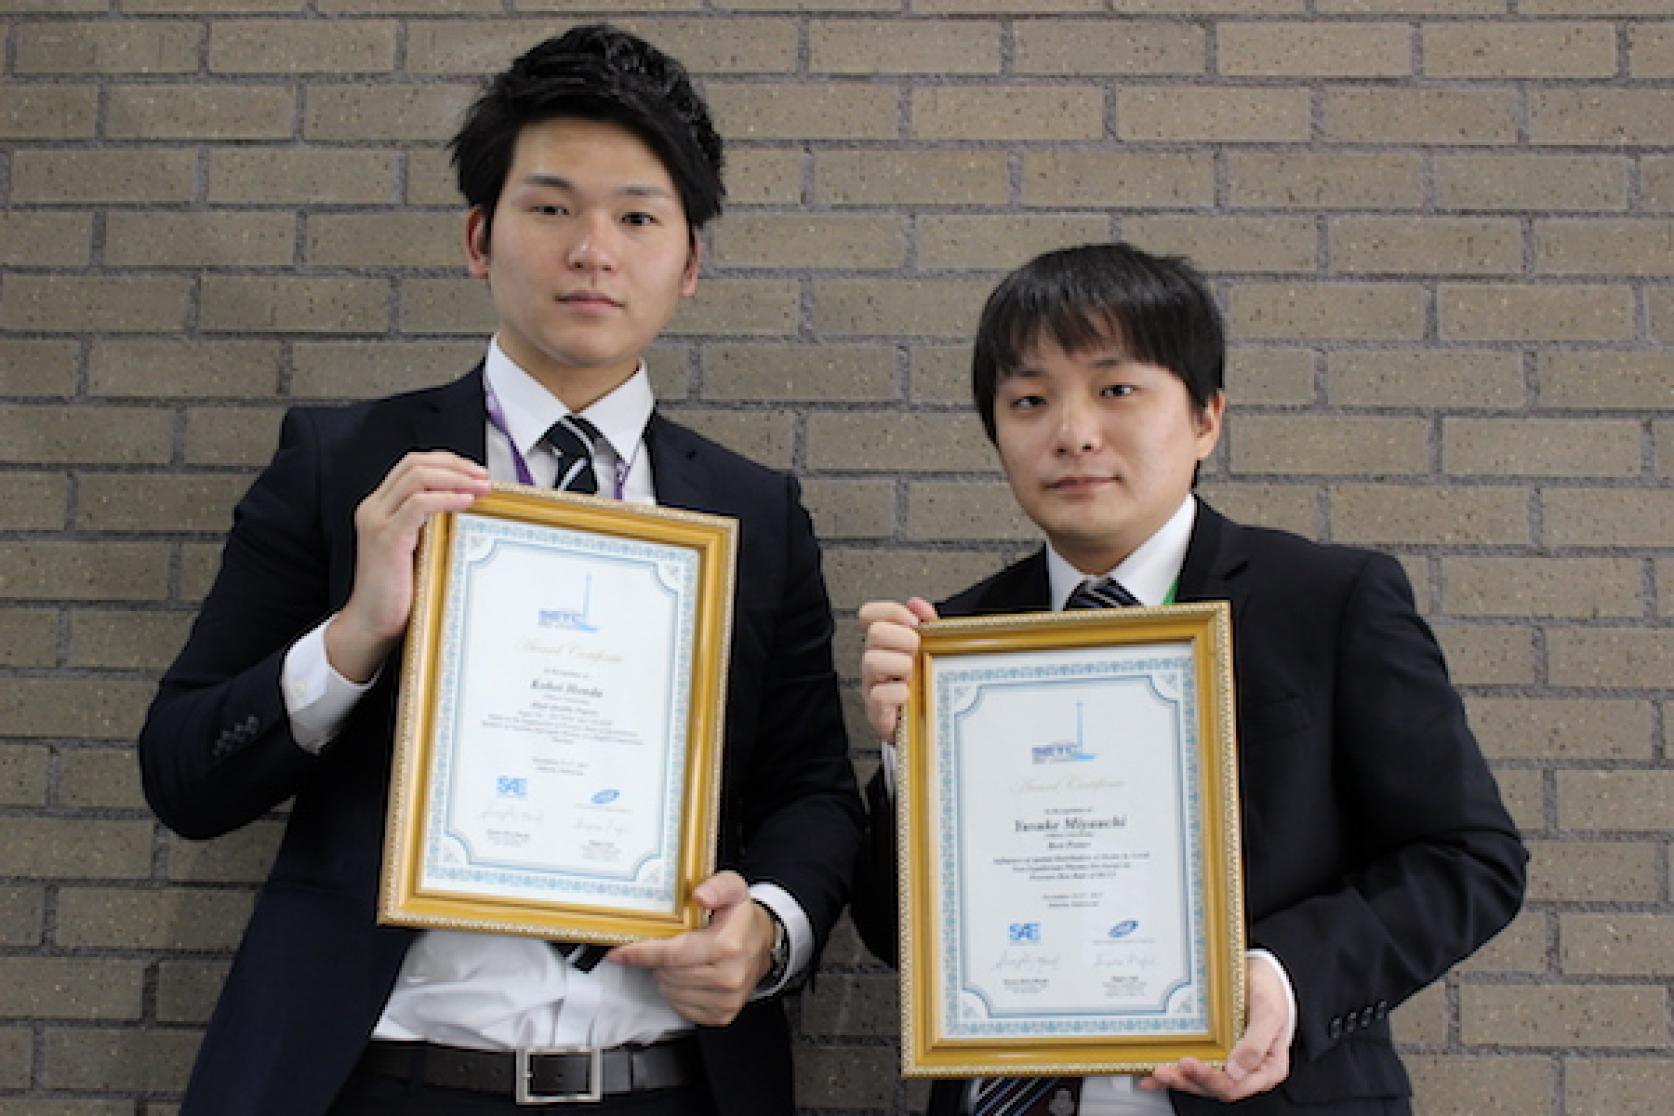 航空宇宙工学専攻2年の本多浩詩さんと宮内佑輔さんが、SAE/自動車技術会共催の「Small Engine Technology Conference」において、優秀ポスター賞をダブル受賞しました。